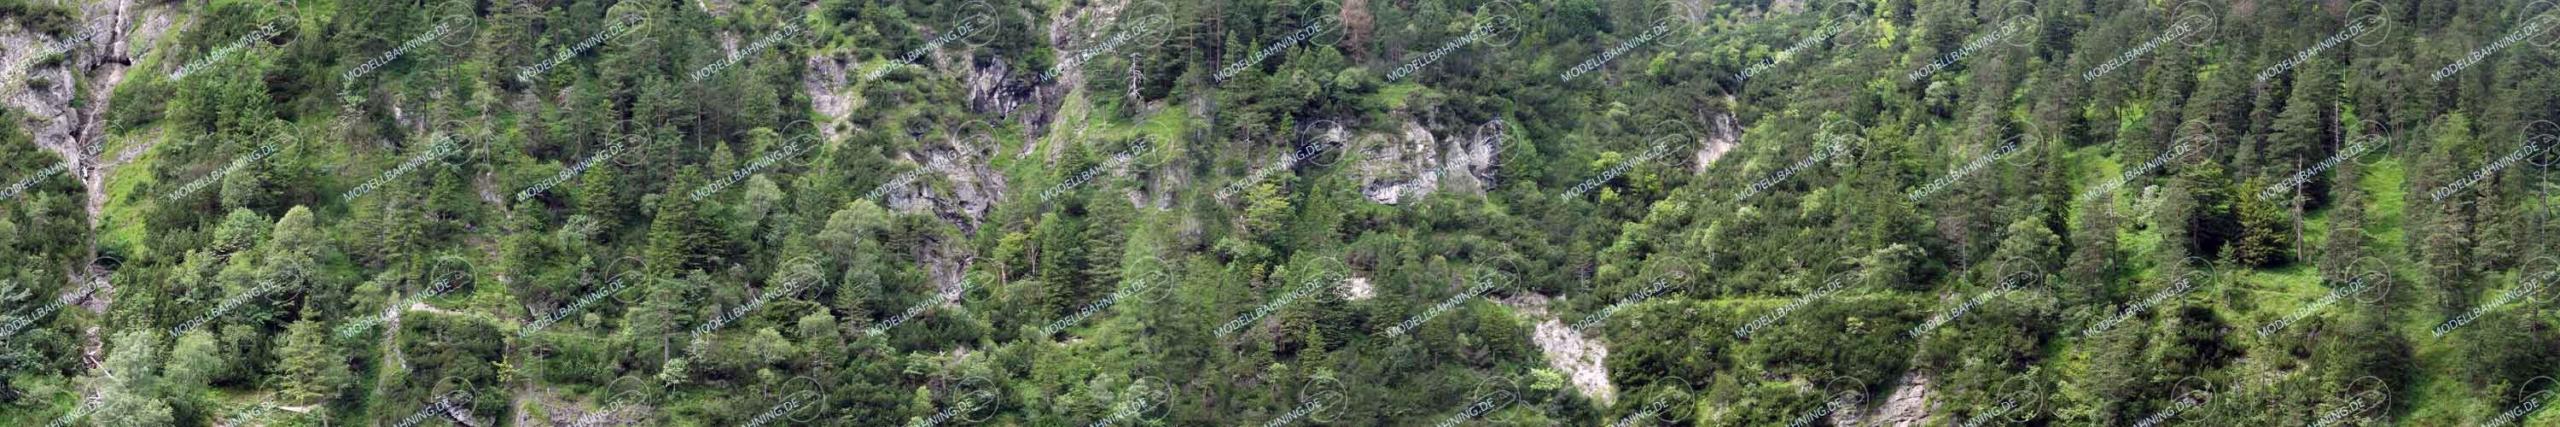 Bewaldeter Steilhang Teil 2 – Modellbahn Hintergrund 300 x 50 cm 1